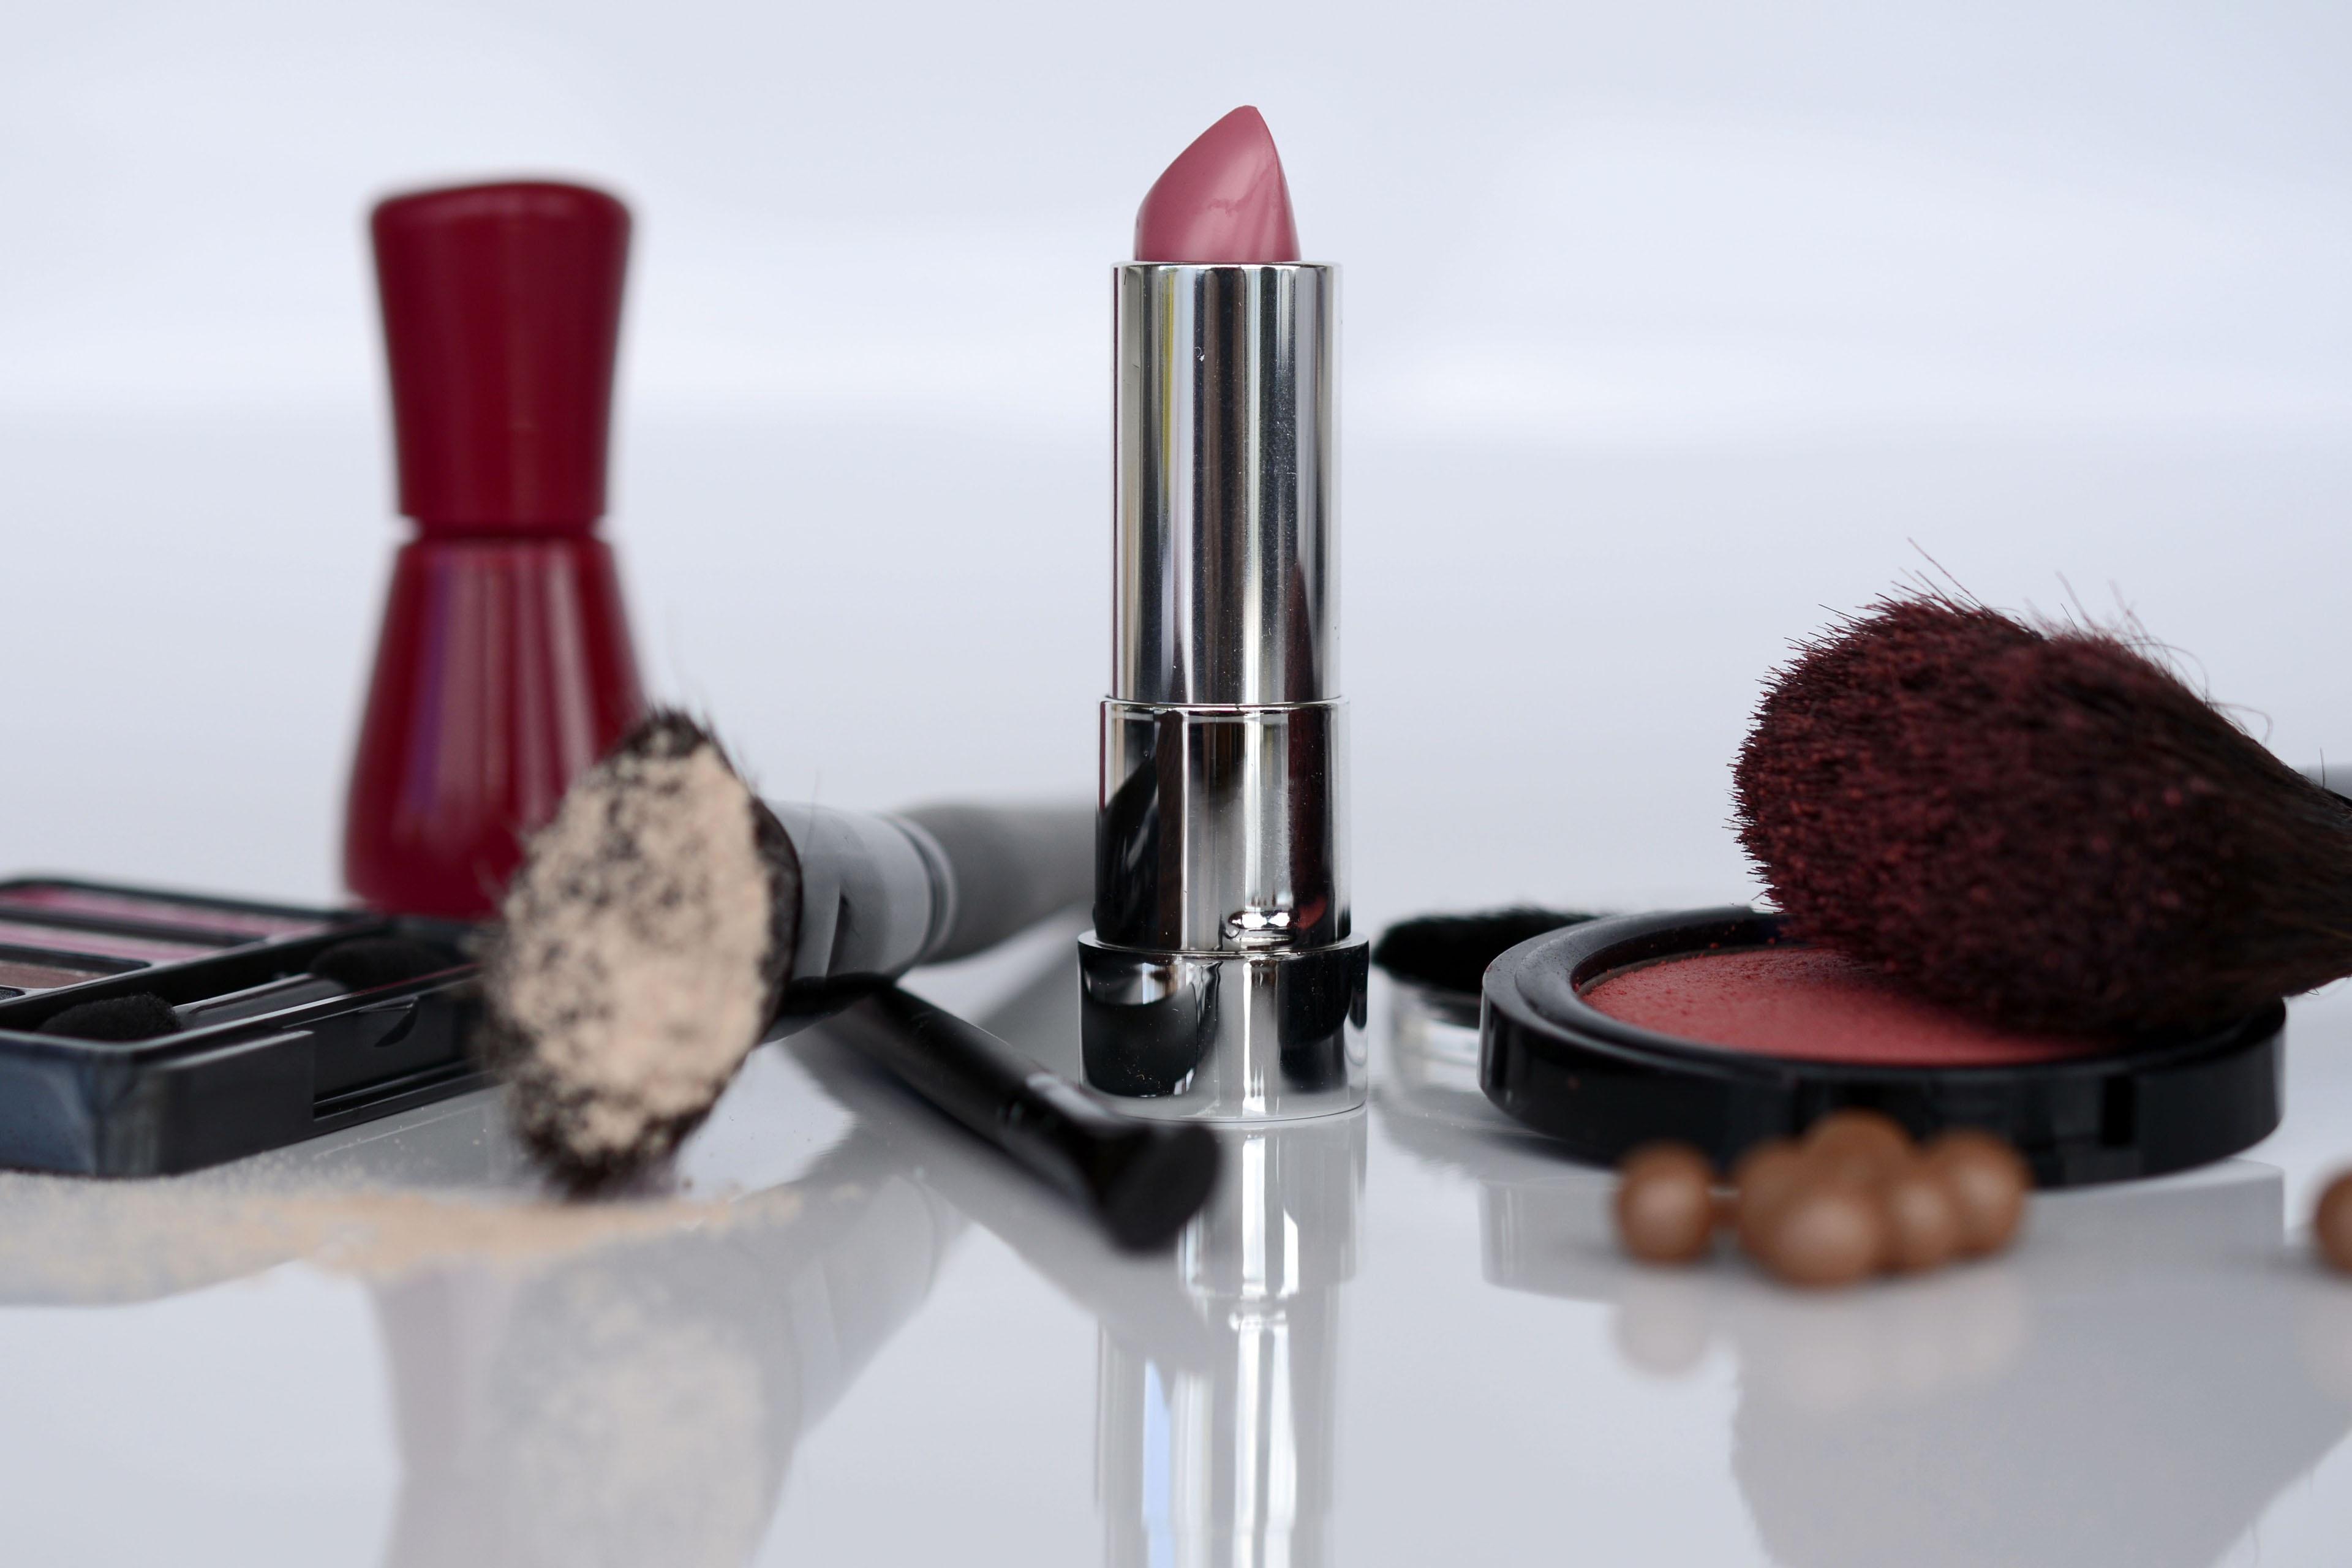 Free Images : brush, female, finger, paint, powder, lip, make up, face, eyes, rouge, beauty ...